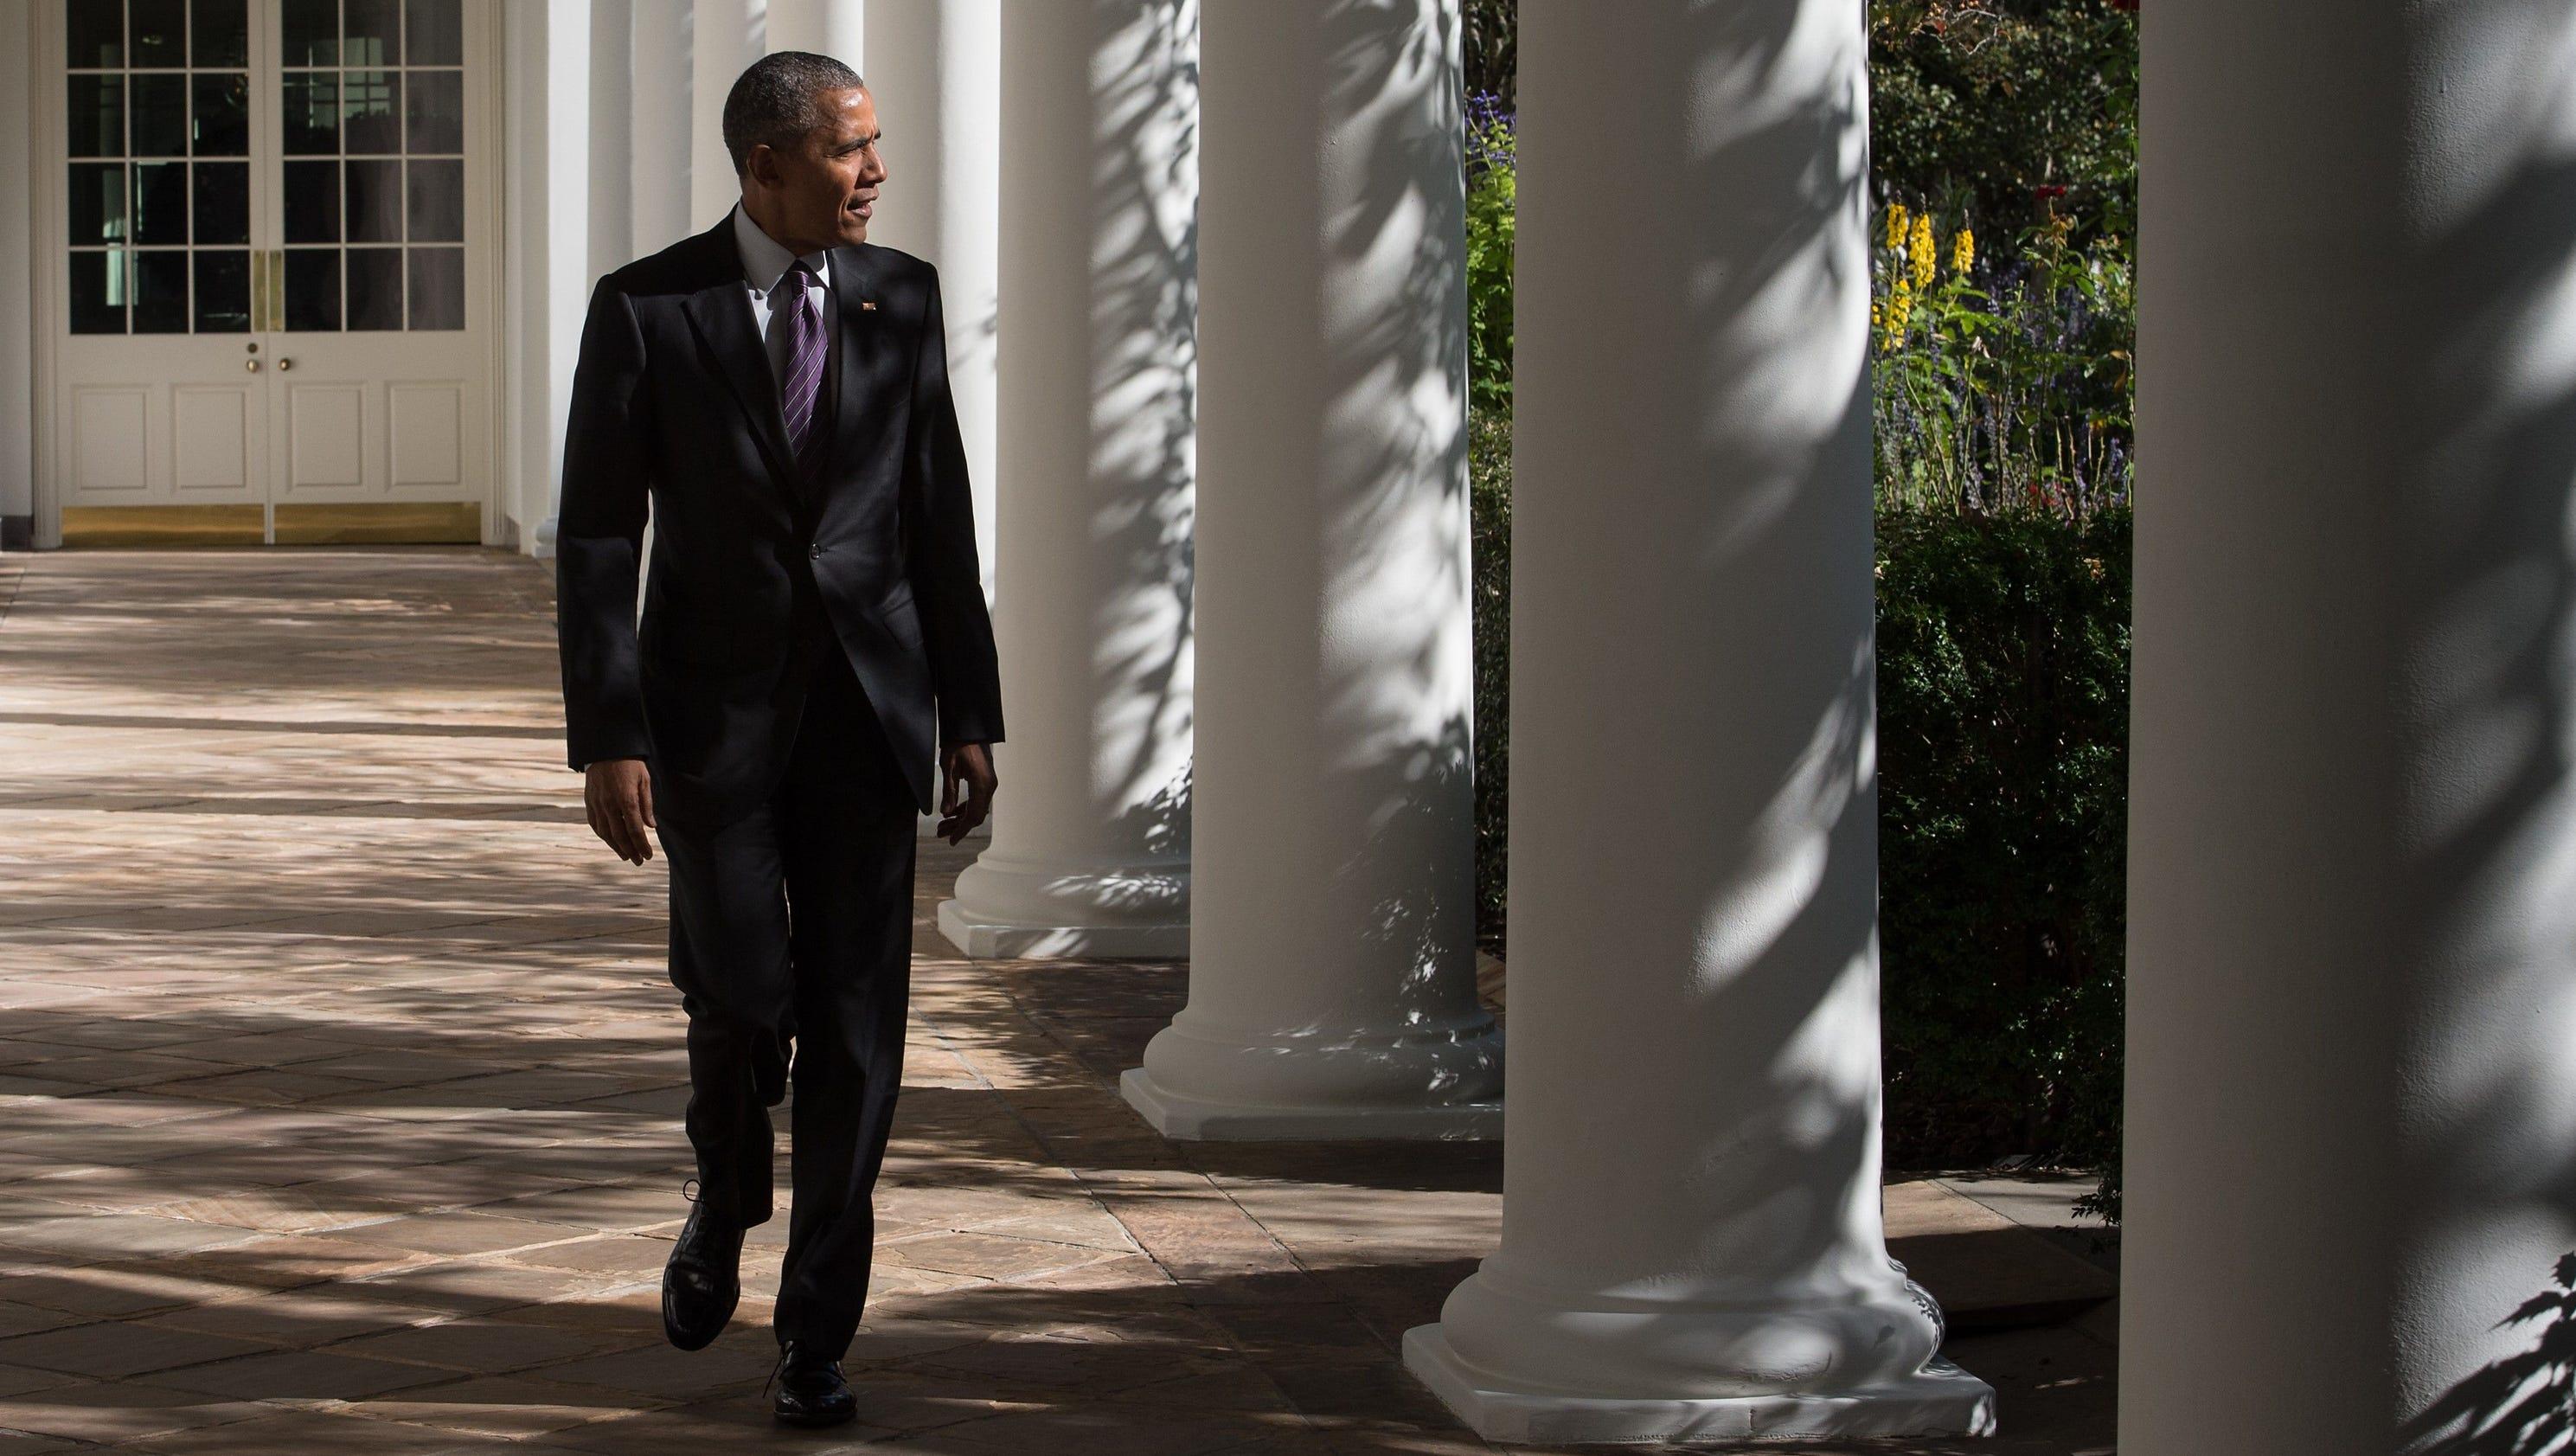 An 'Obama era' crashes as Donald Trump takes White House